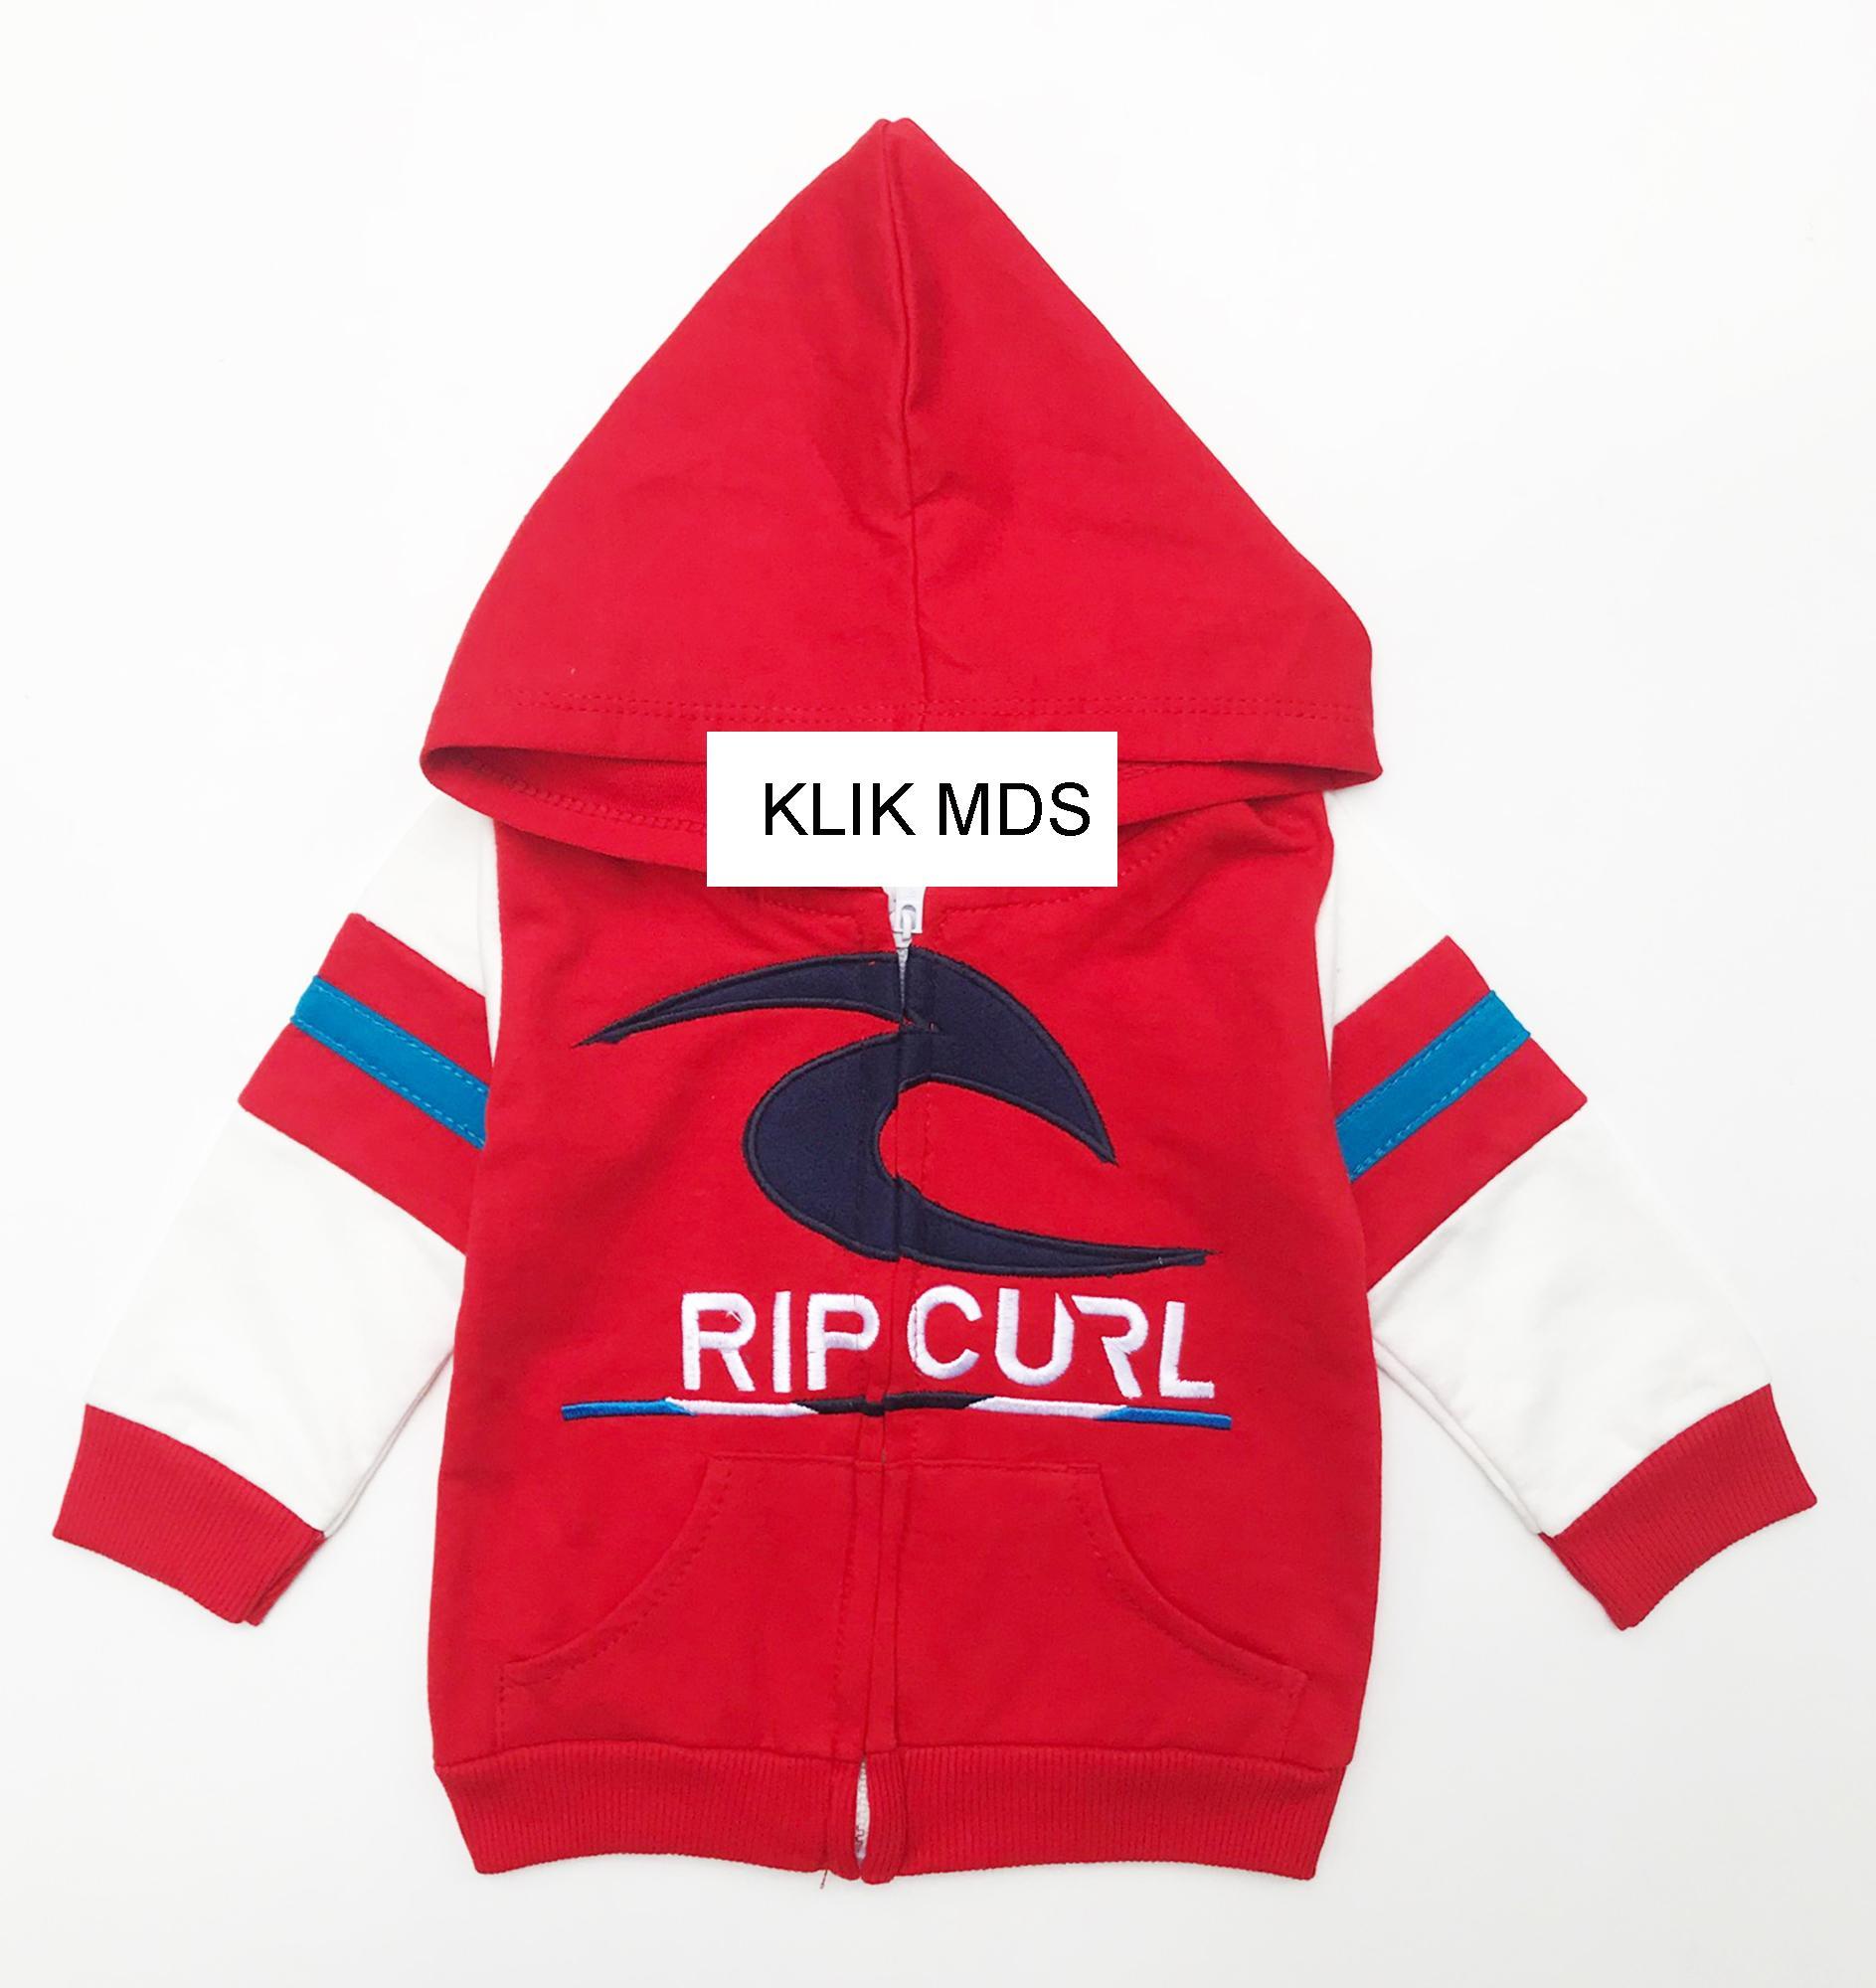 Klik Mds Baju Jaket Anak Lelaki Bayi / Jacket Hoodie Sport Casual Motif CURL HANYA 1 UKURAN